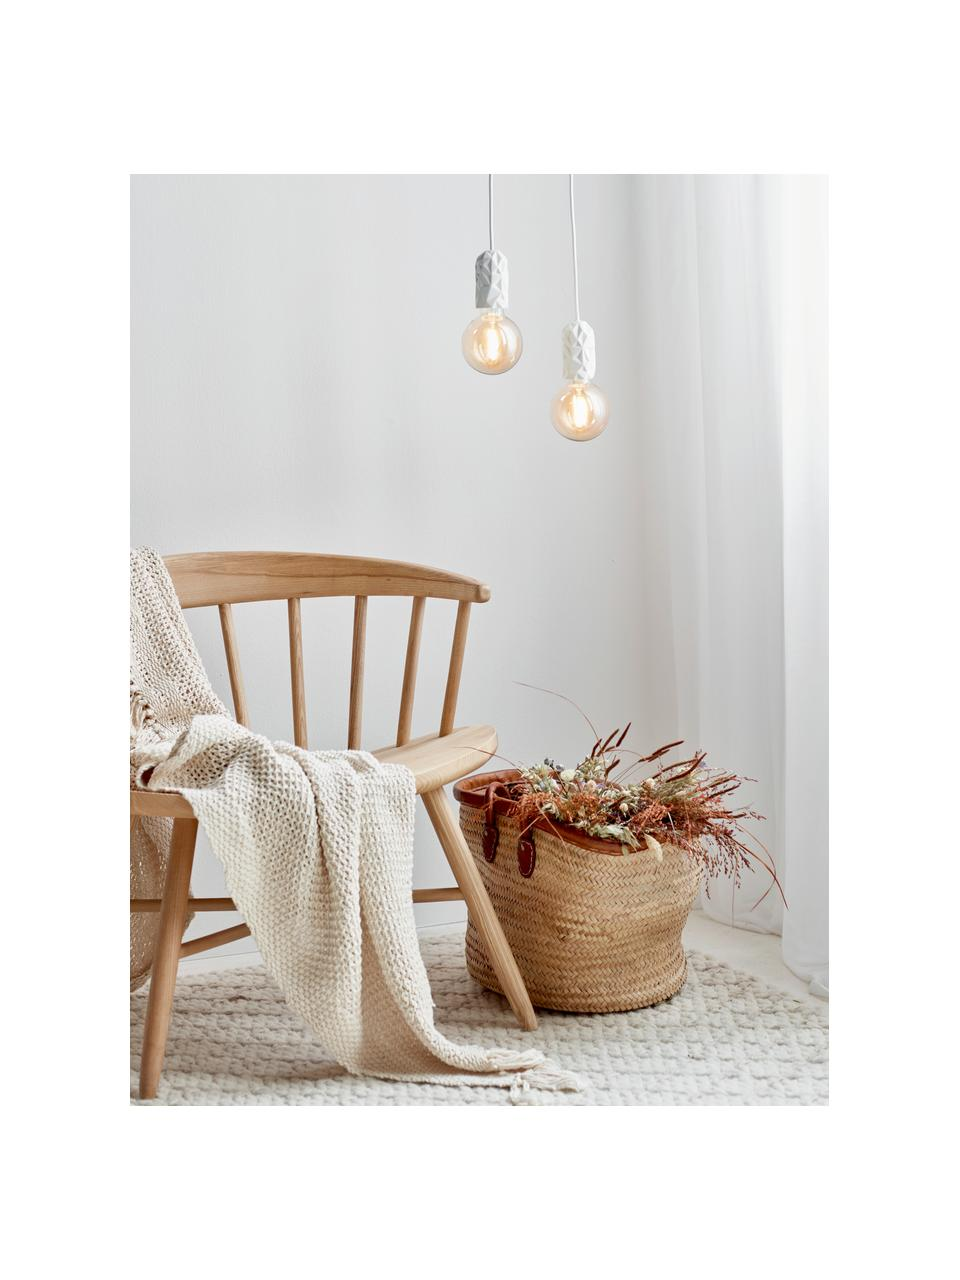 Lampa wisząca z porcelany Hang, Biały, Ø 5 x W 9 cm